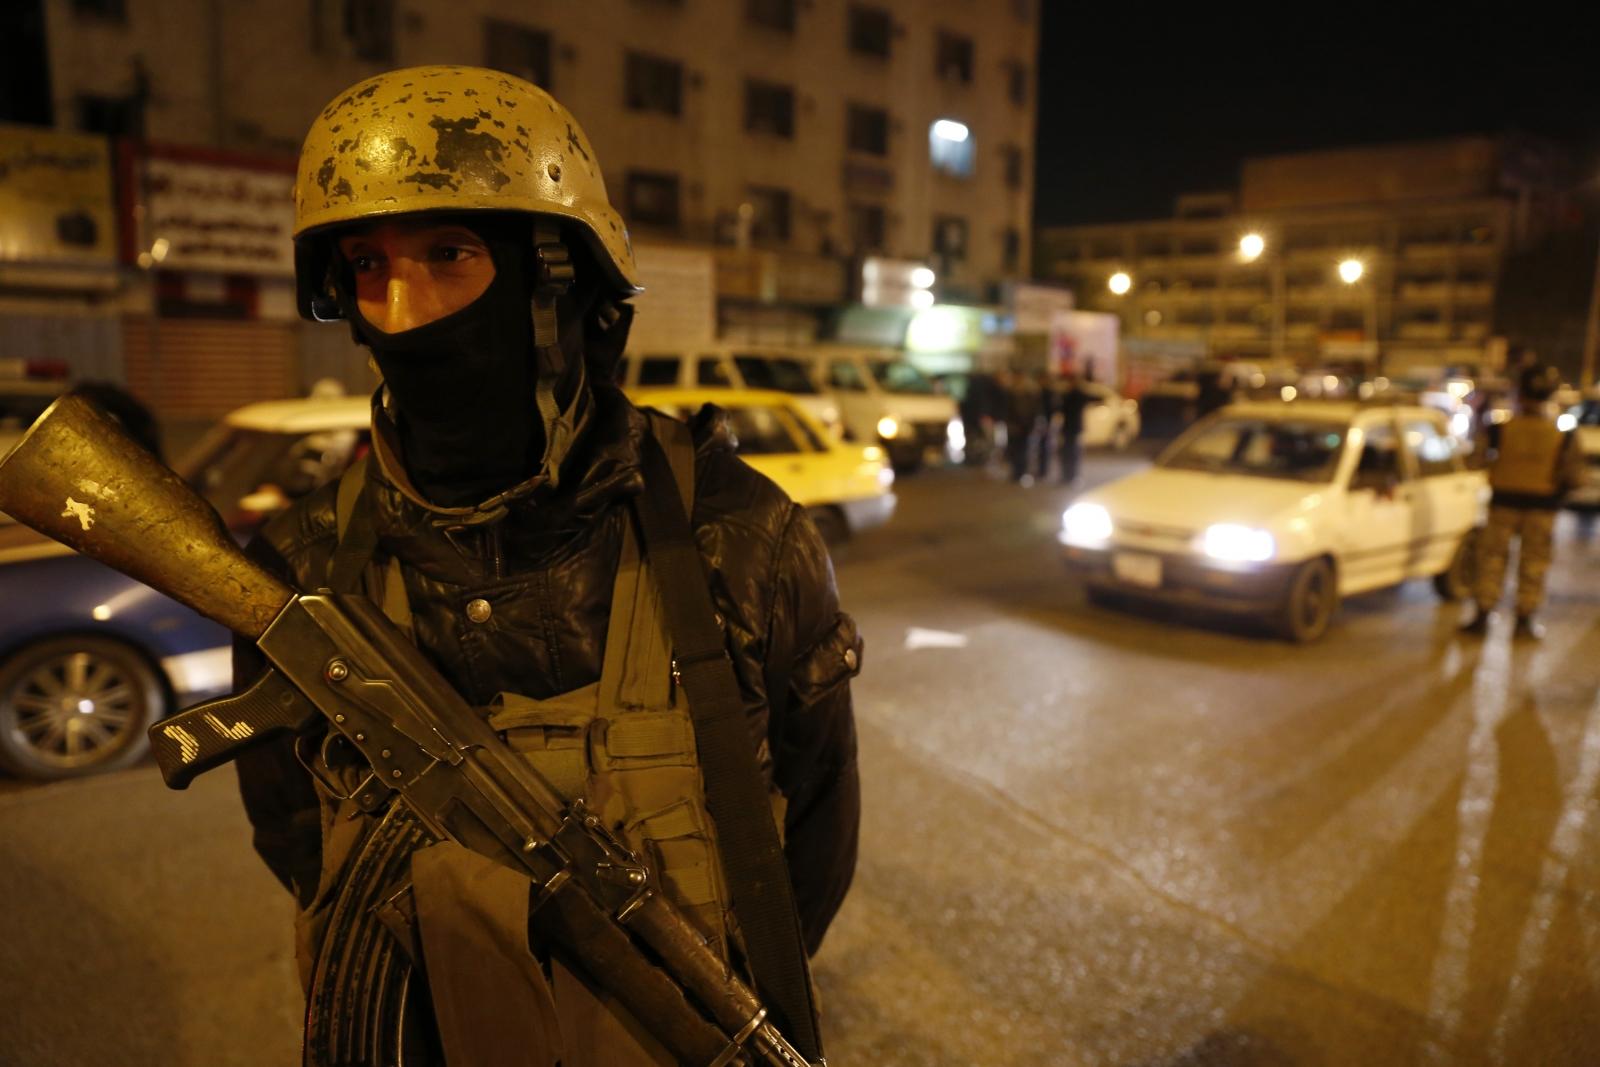 Baghdad soldier